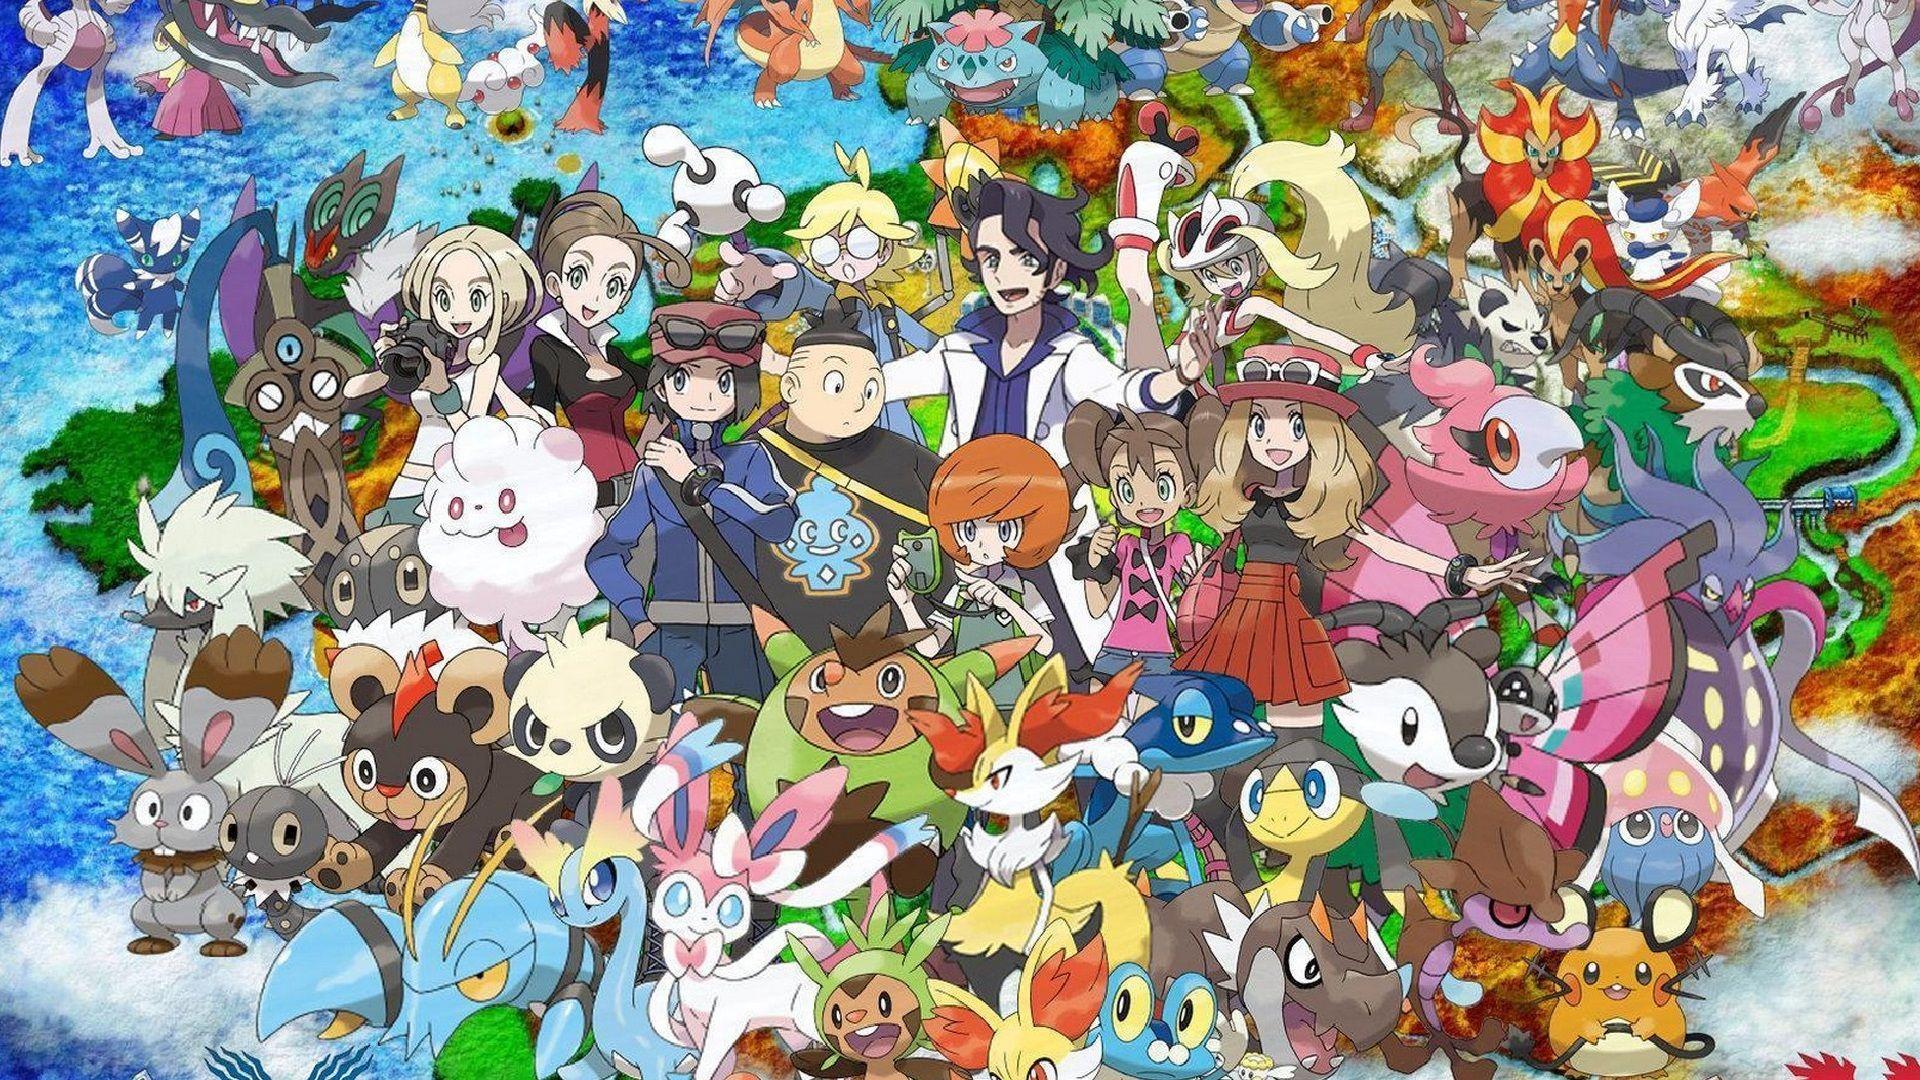 Best Pokemon Wallpaper Hd 2020 Live Wallpaper Hd Anime Wallpaper Cool Pokemon Pokemon